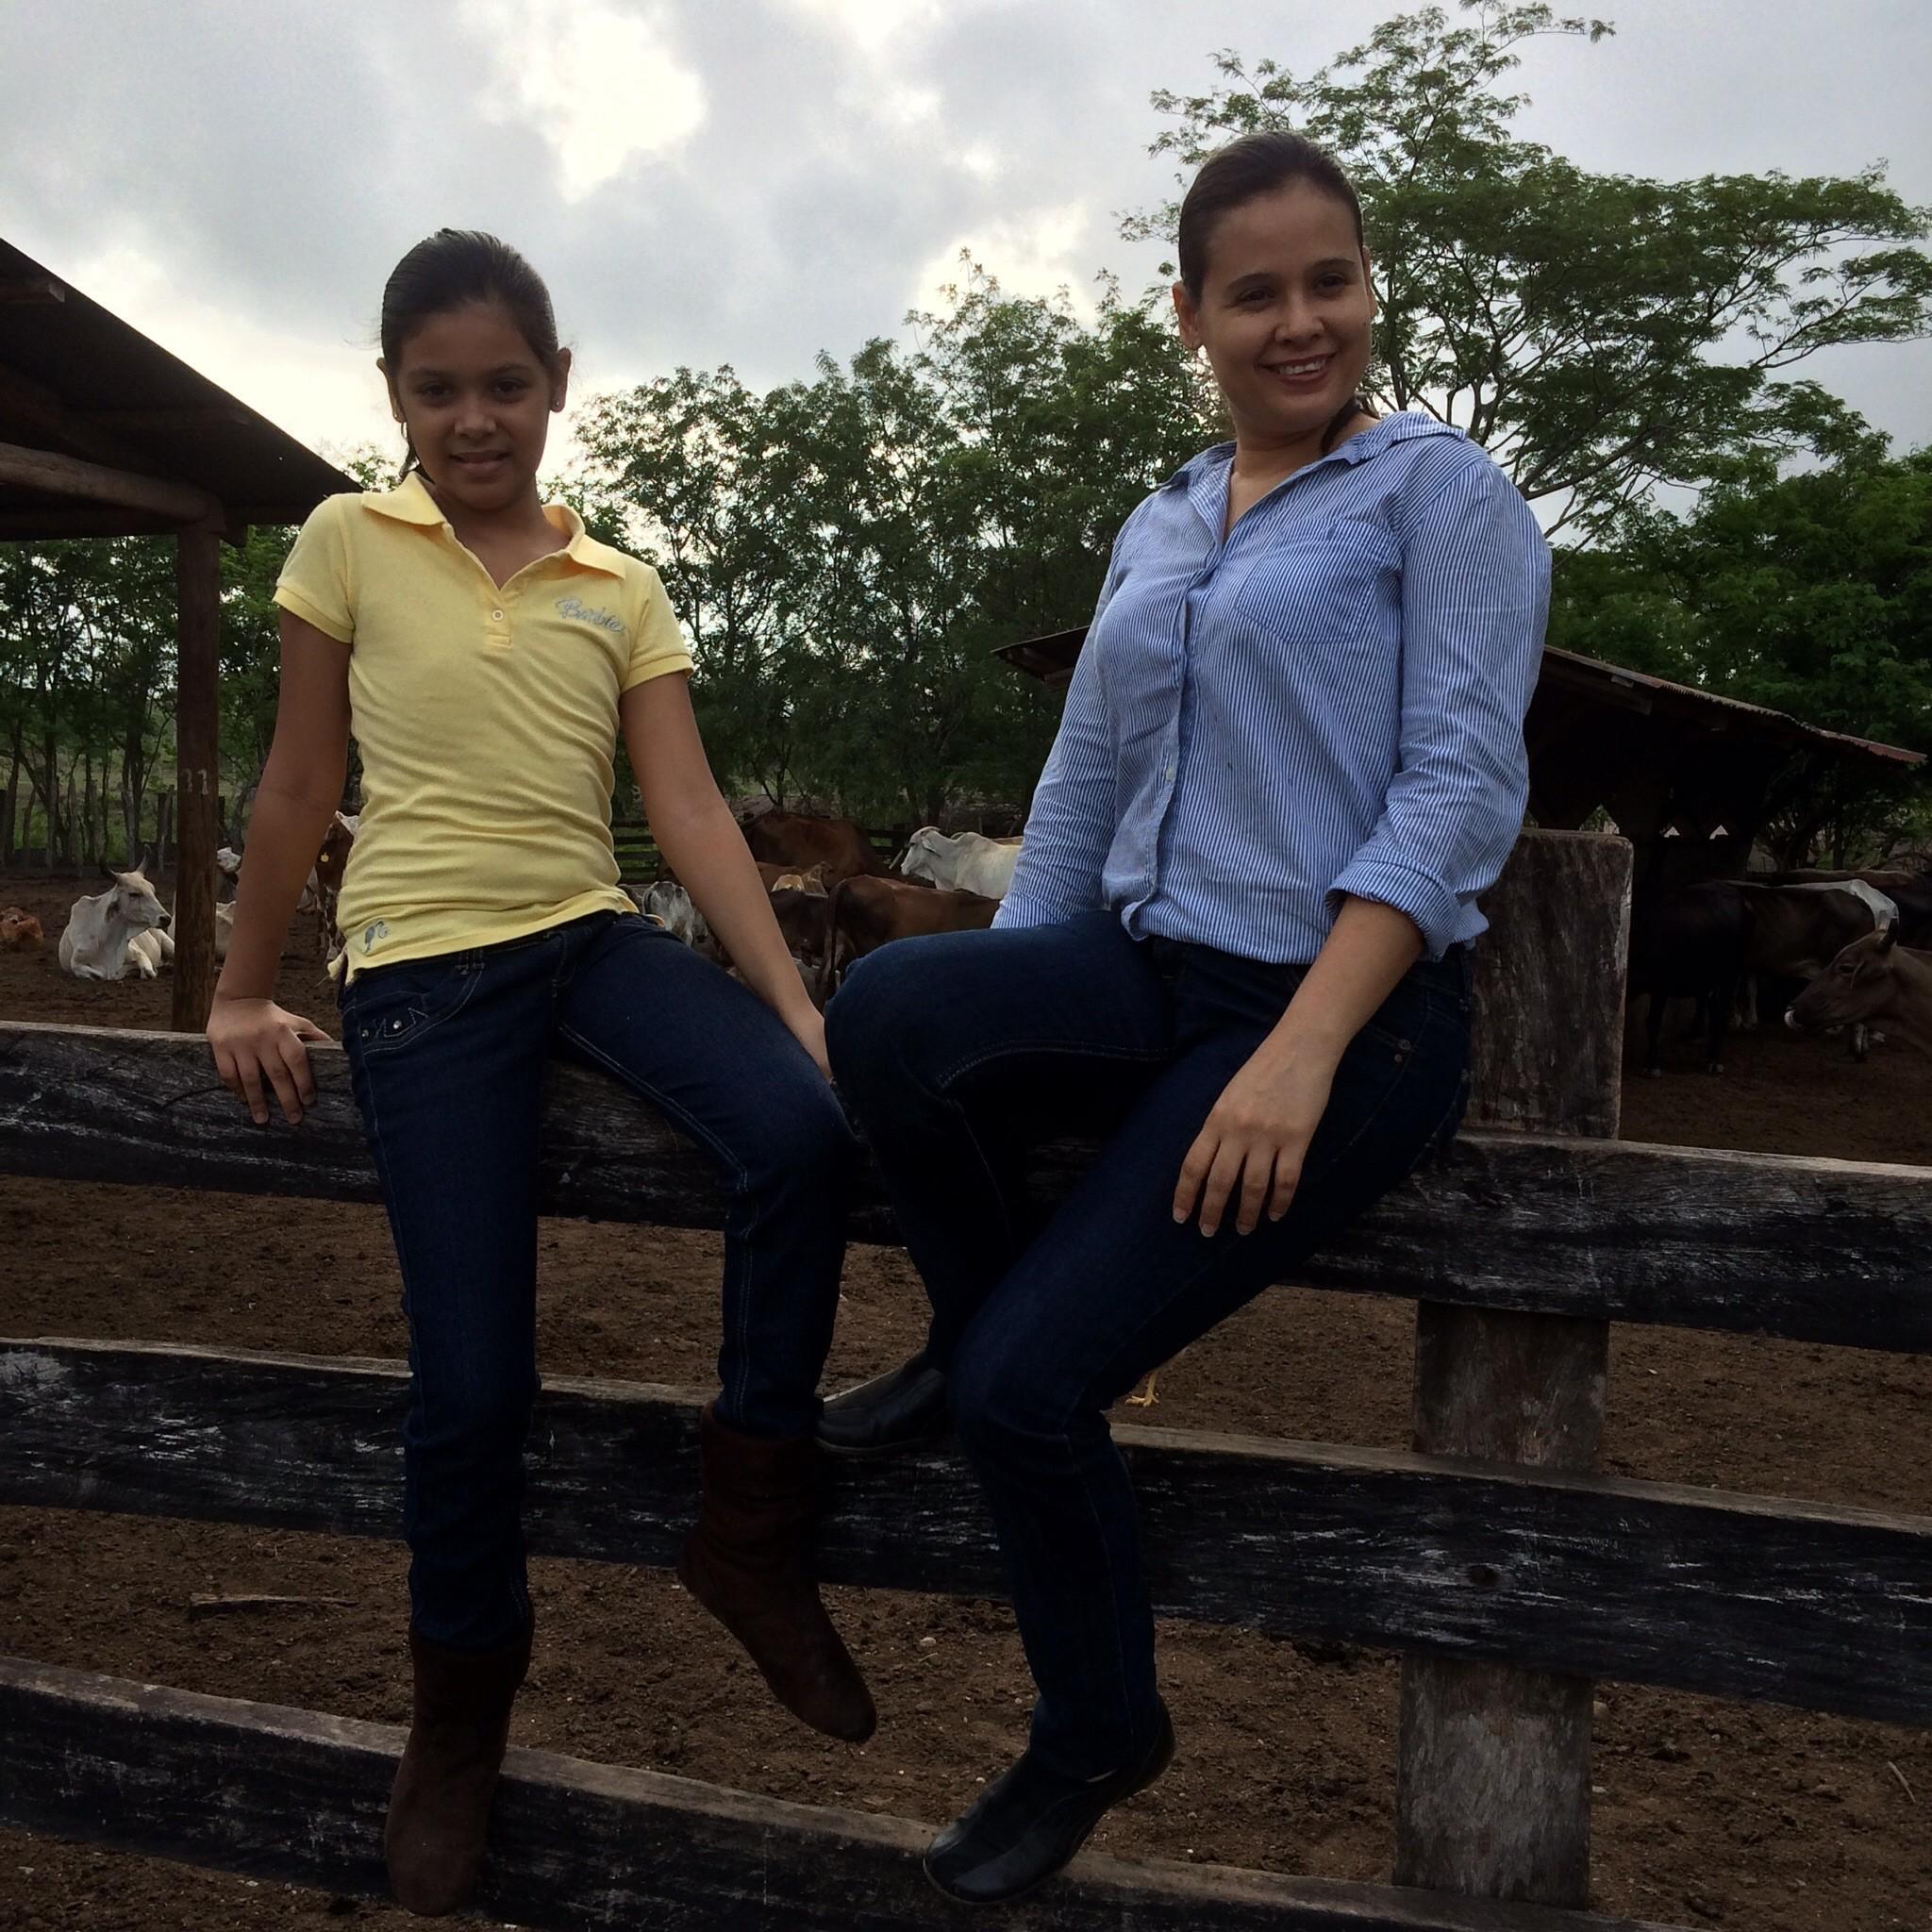 La Familia en Julio 2014 Visitando la Hacienda en San Lorenzo